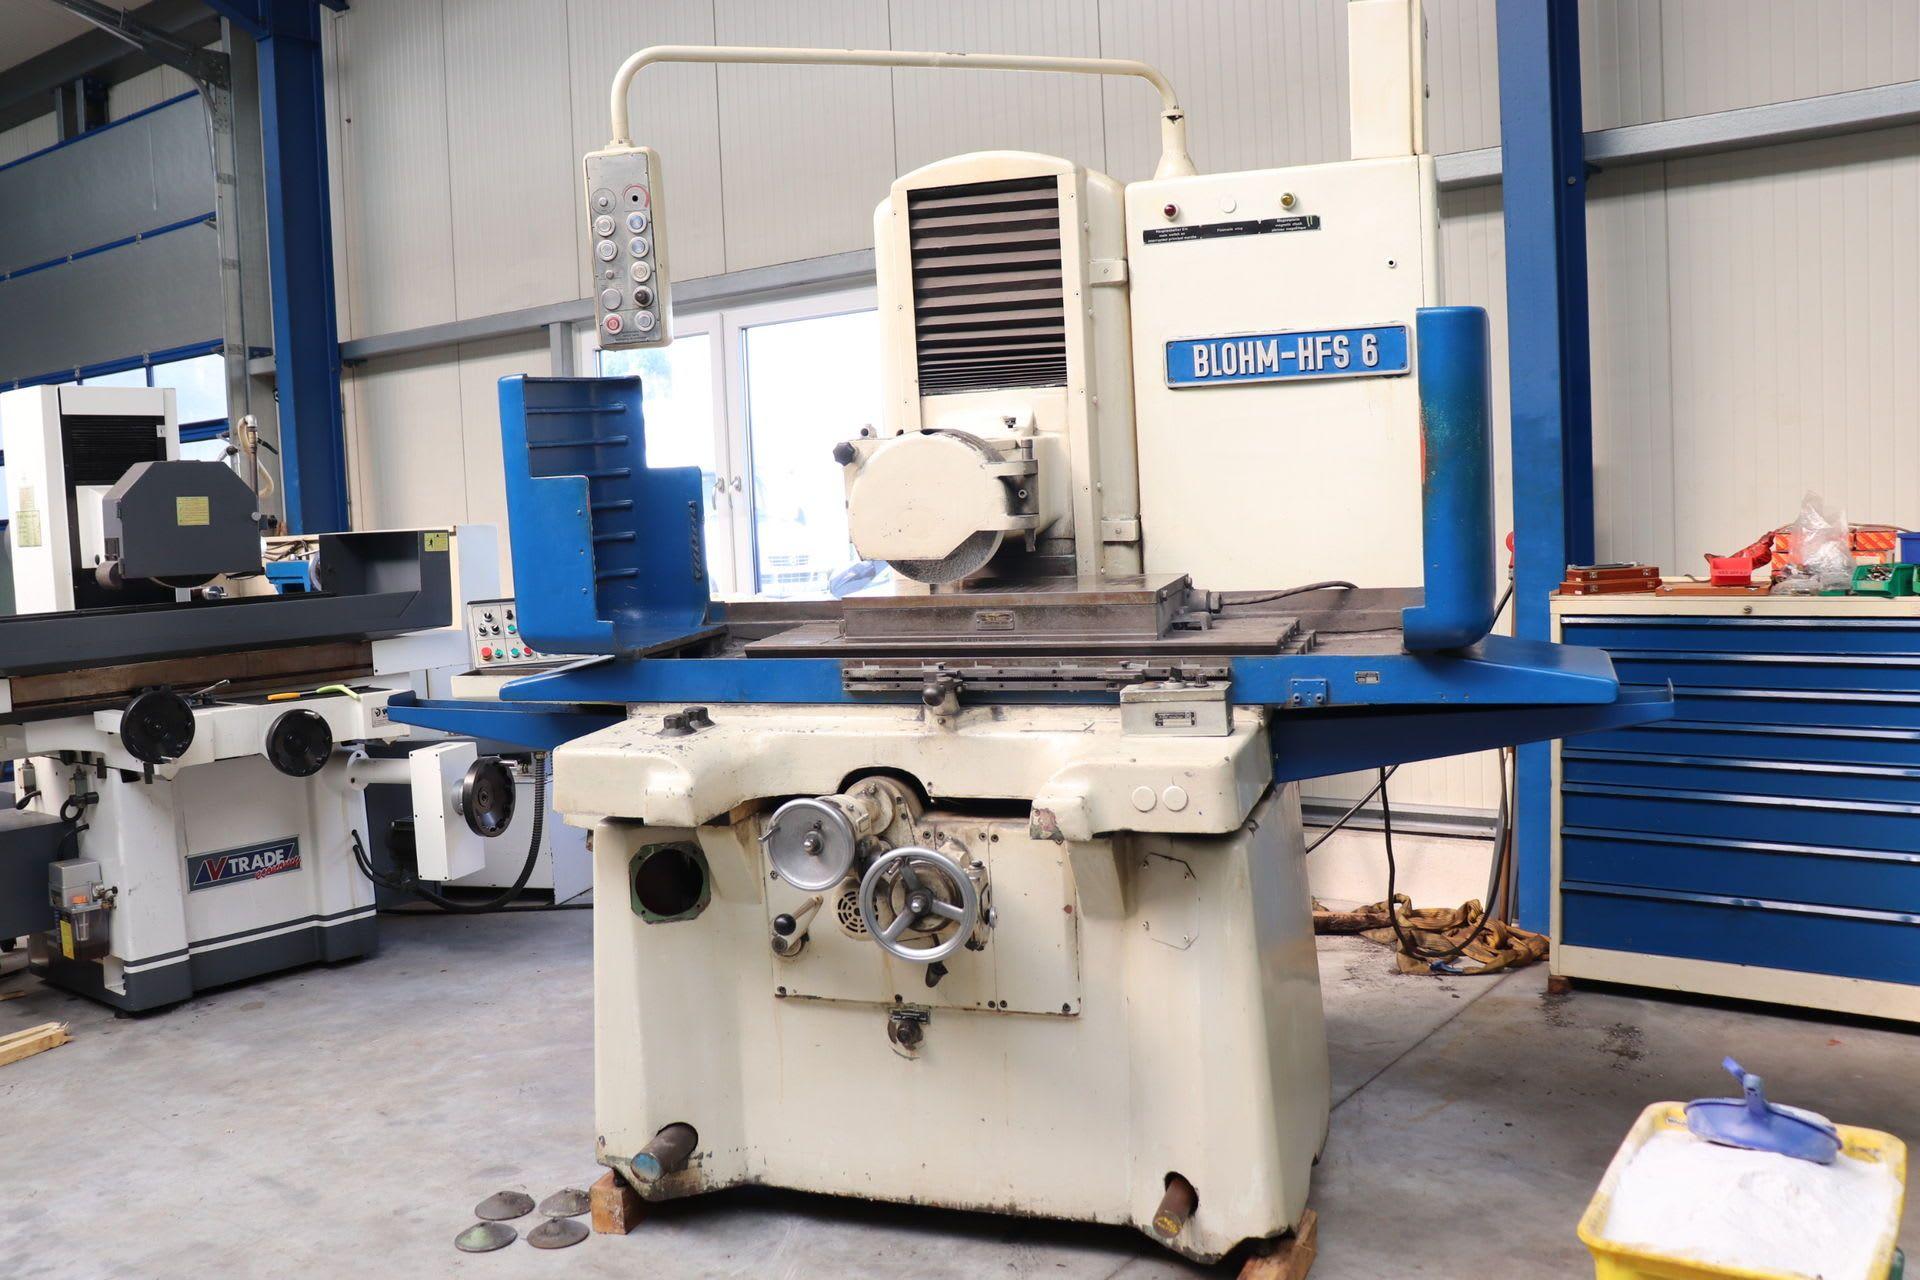 BLOHM HFS 6 Flachschleifmaschine